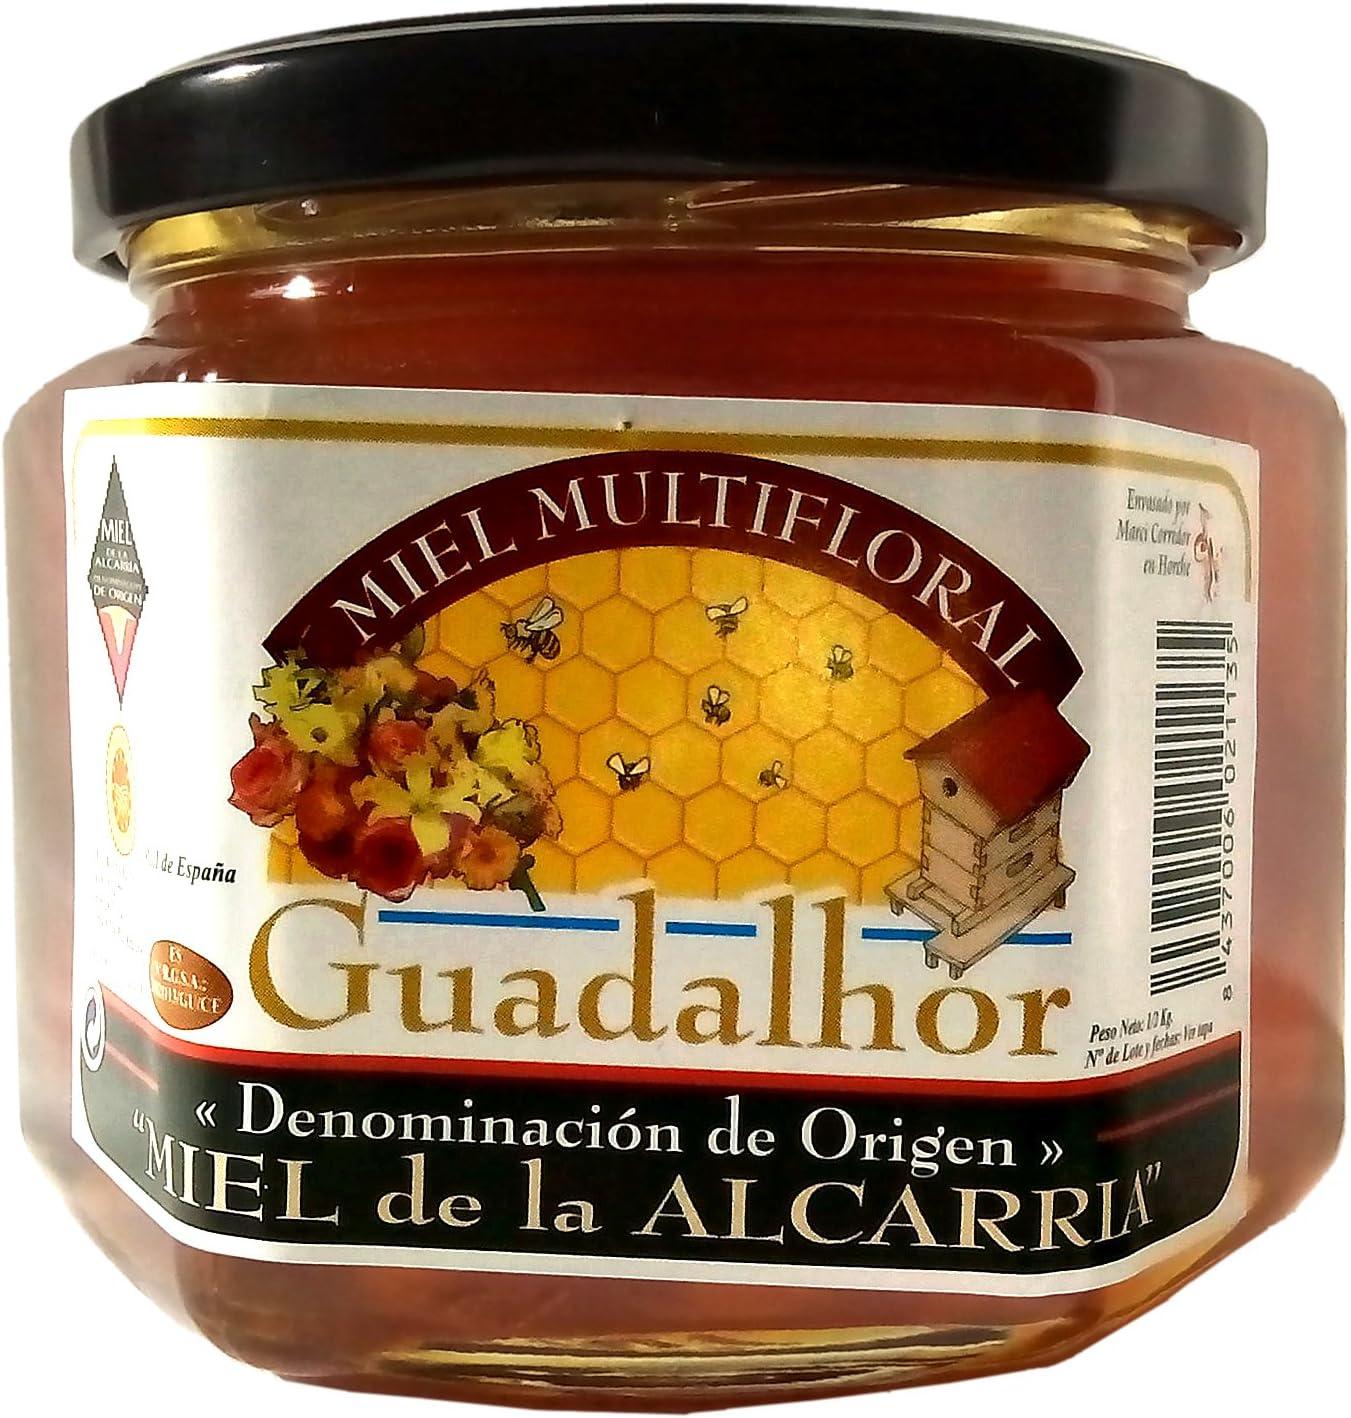 Miel natural Multifloral, Guadalhor 500gr, D.O. La Alcarria. Miel pura de abeja de gran calidad: Amazon.es: Alimentación y bebidas